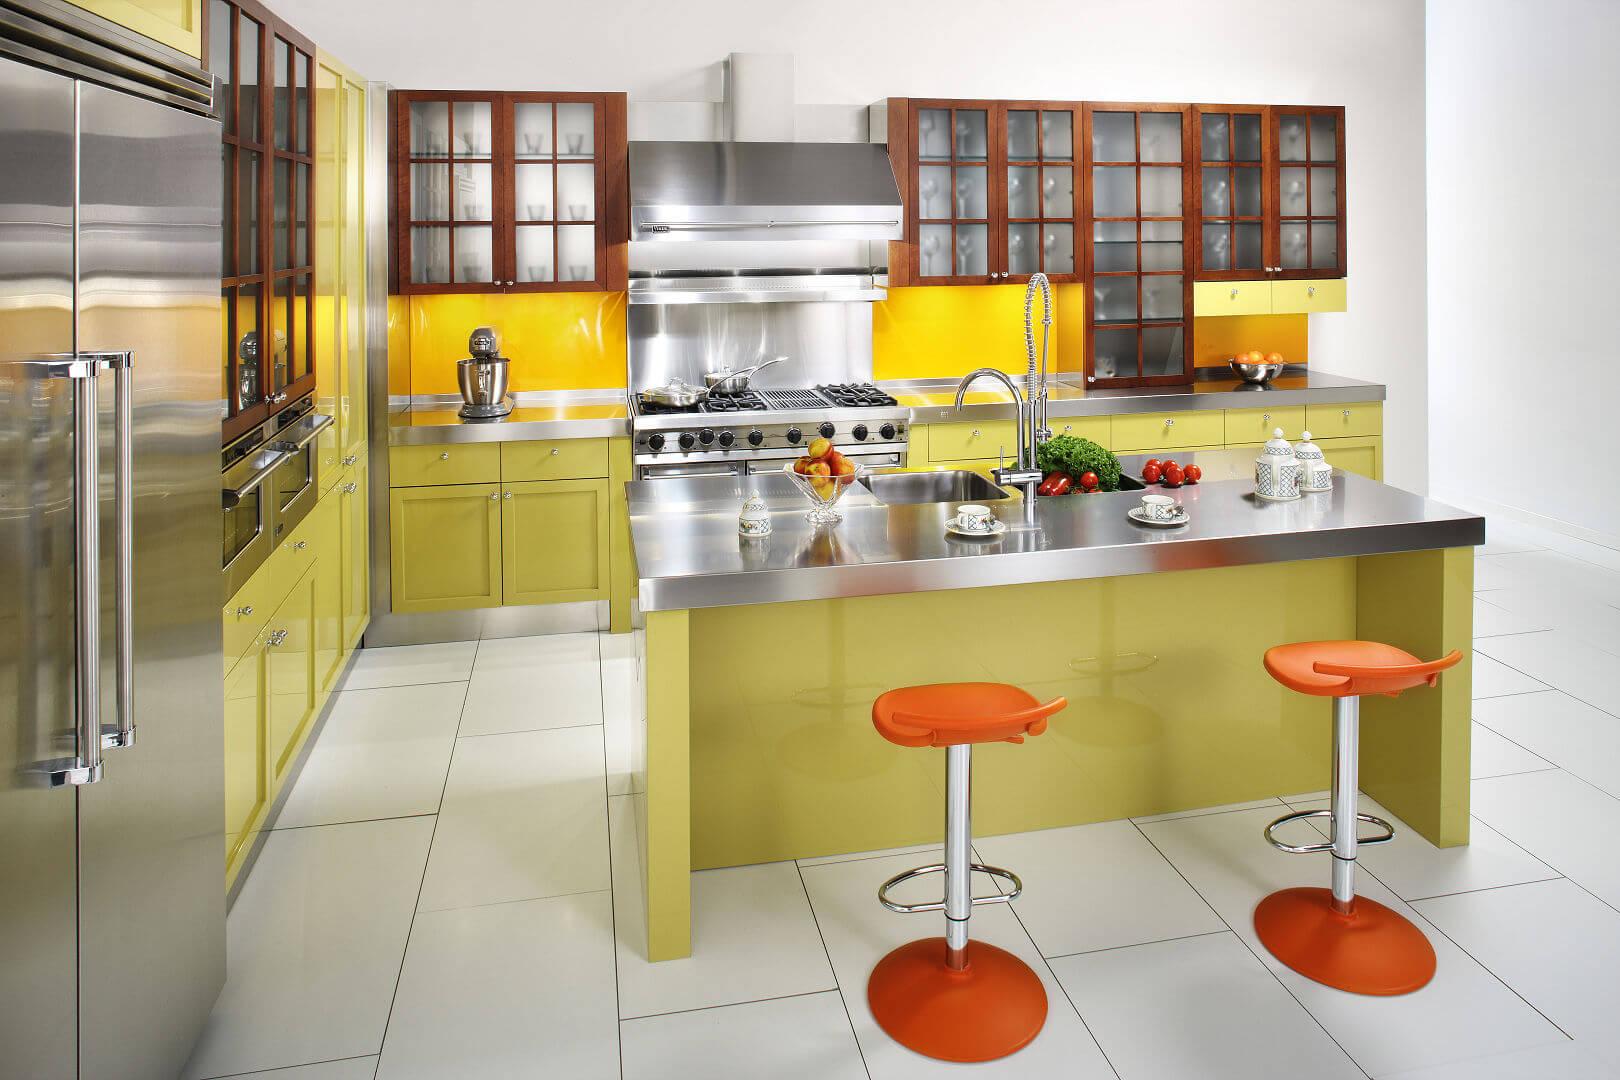 Cambridge arca cucine italia cucine in acciaio inox - Cucine in acciaio inox ...